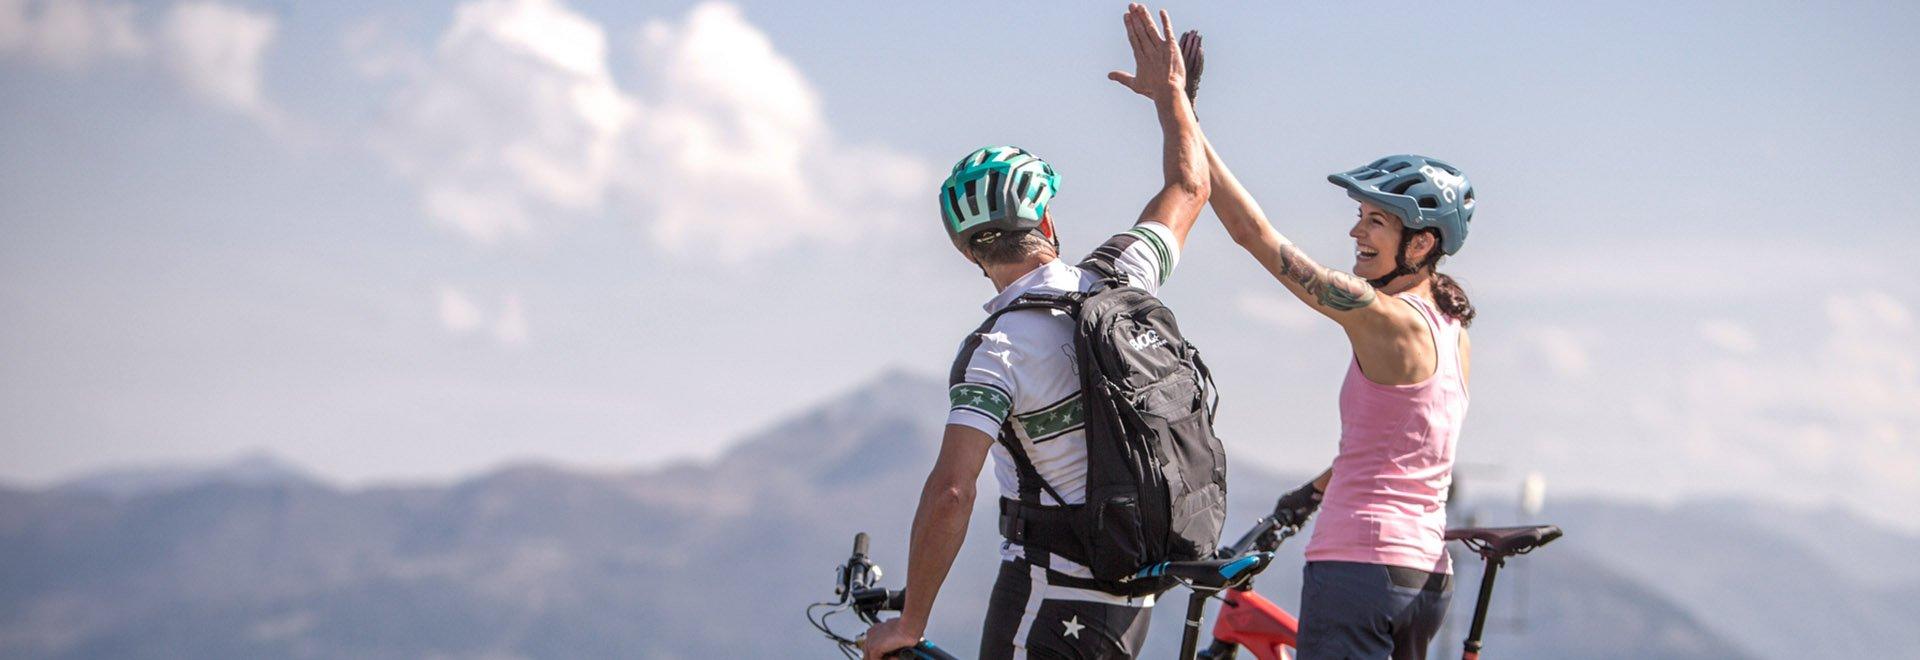 Mountainbike Touren am Spieljoch im Zillertal